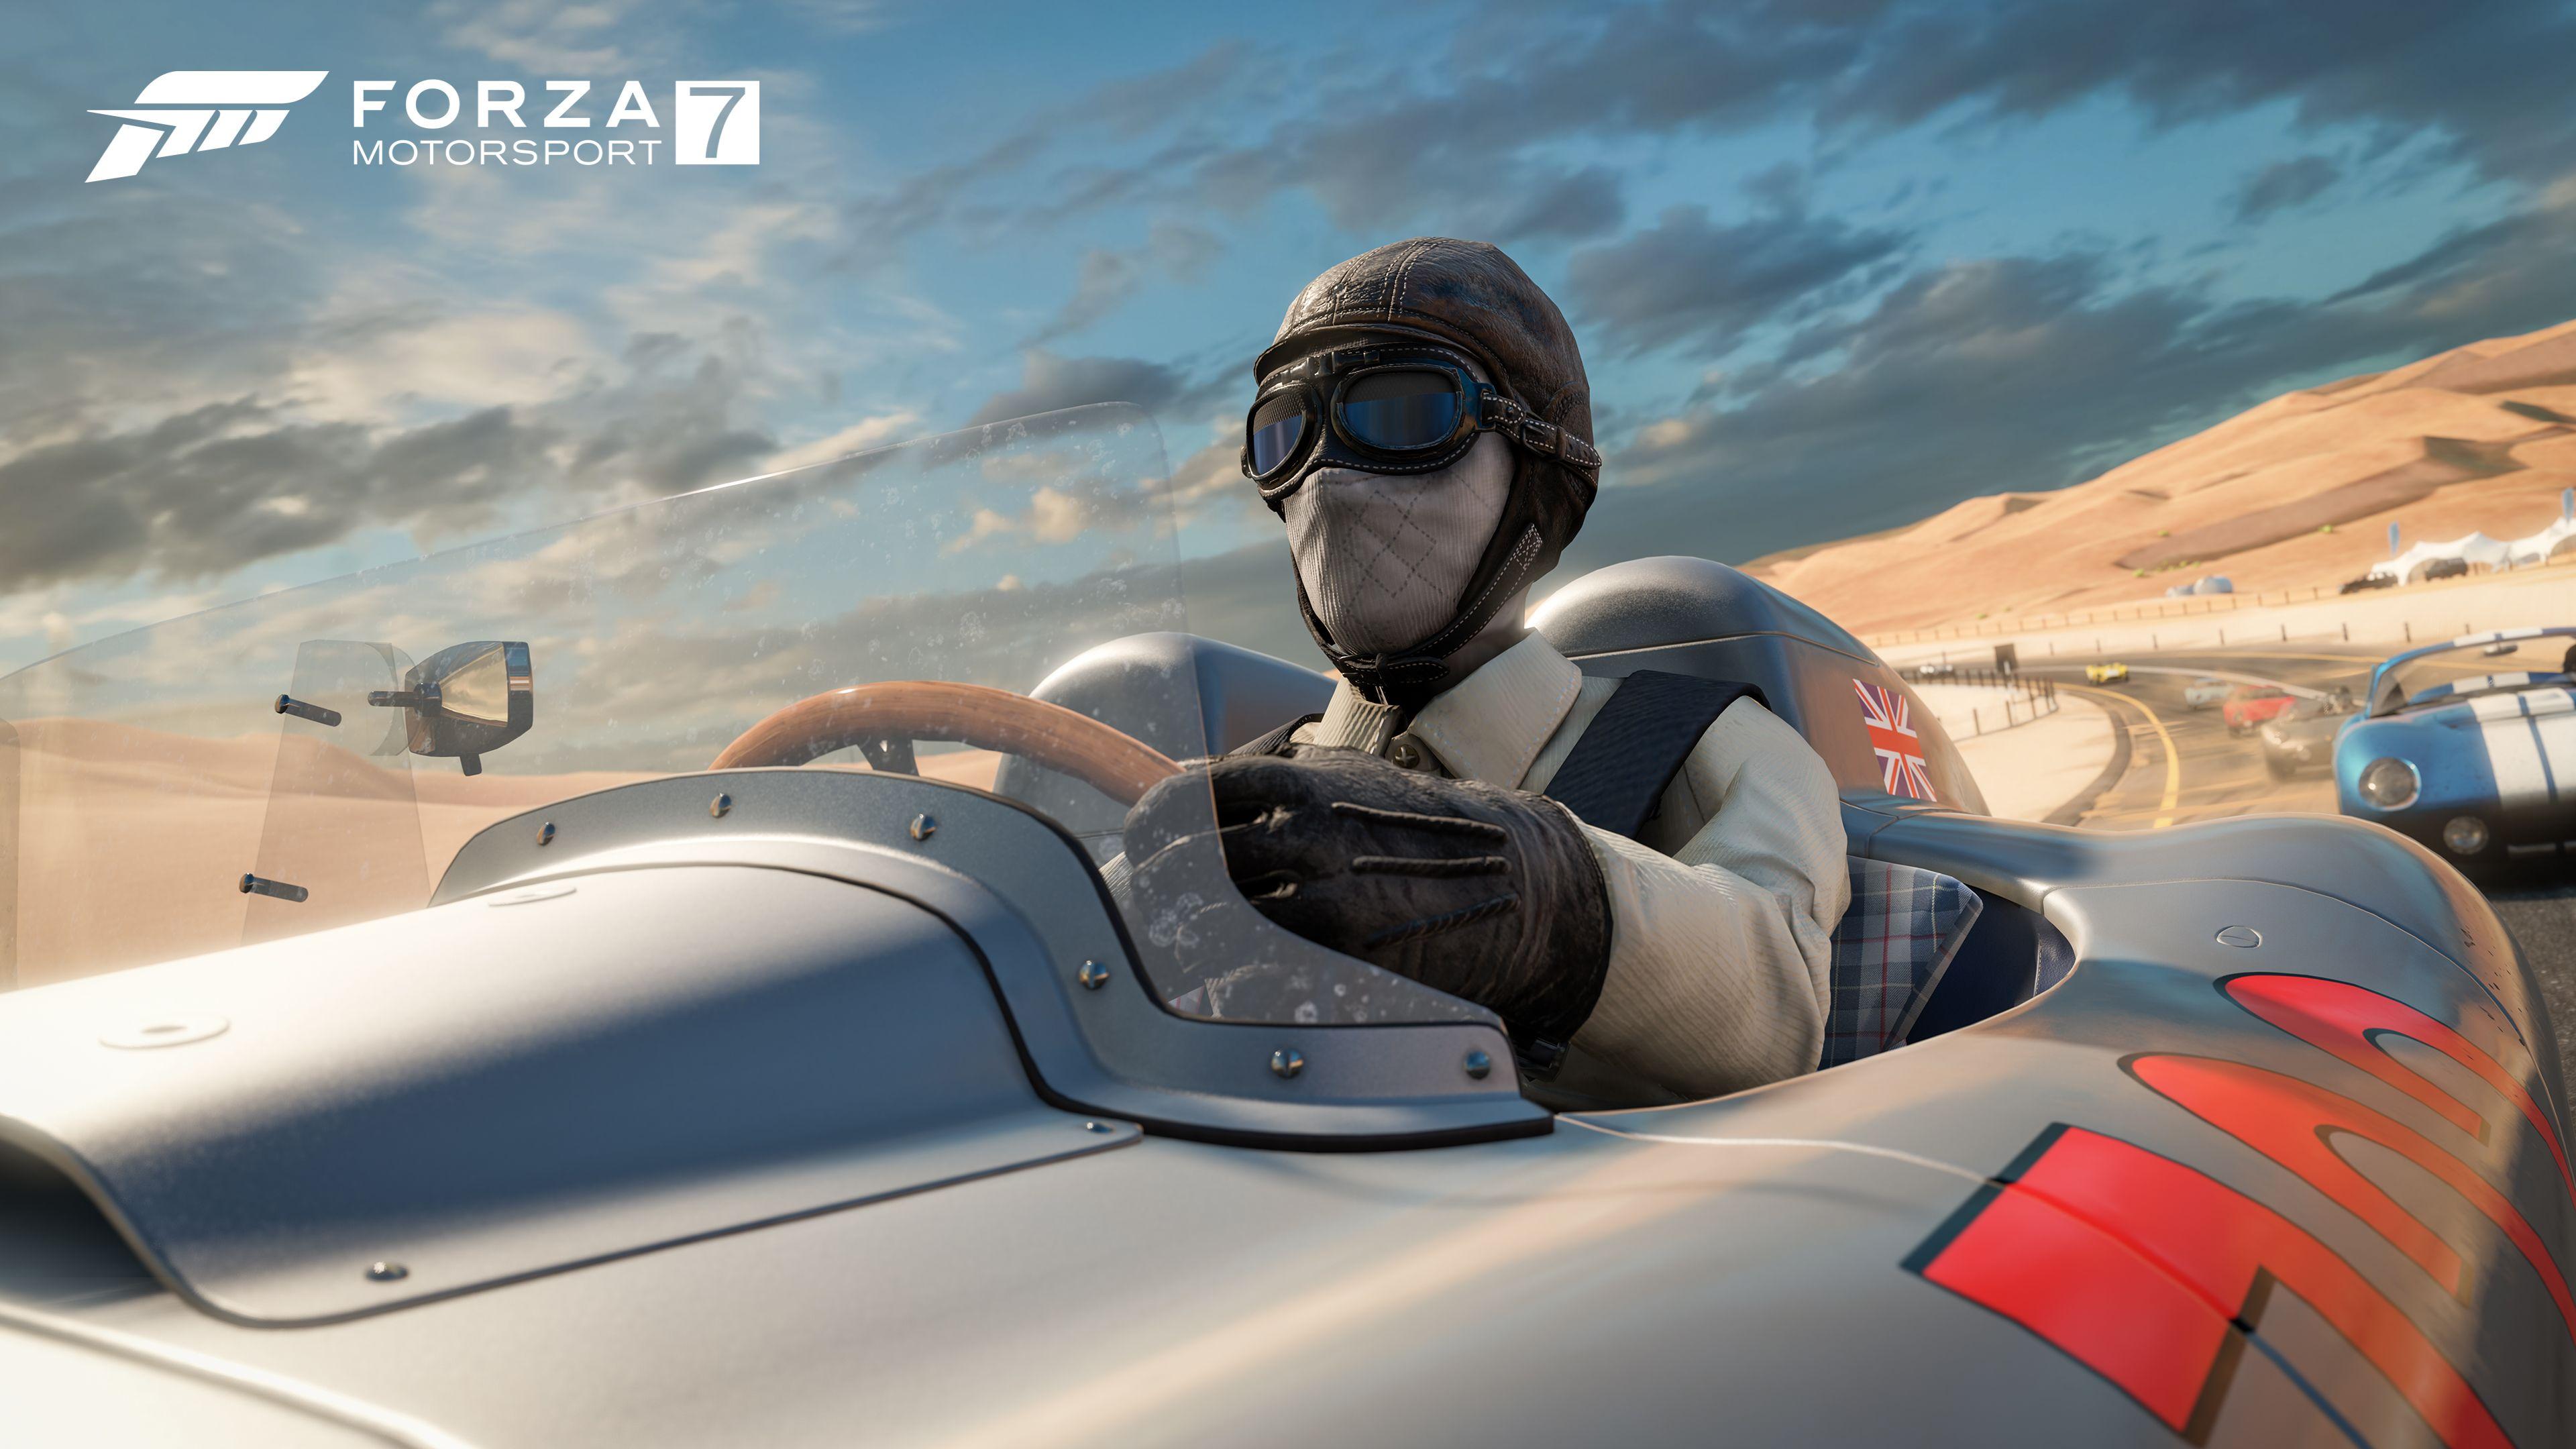 Forza Motorsport 7 - HW nároky, demo a obrázky 148643